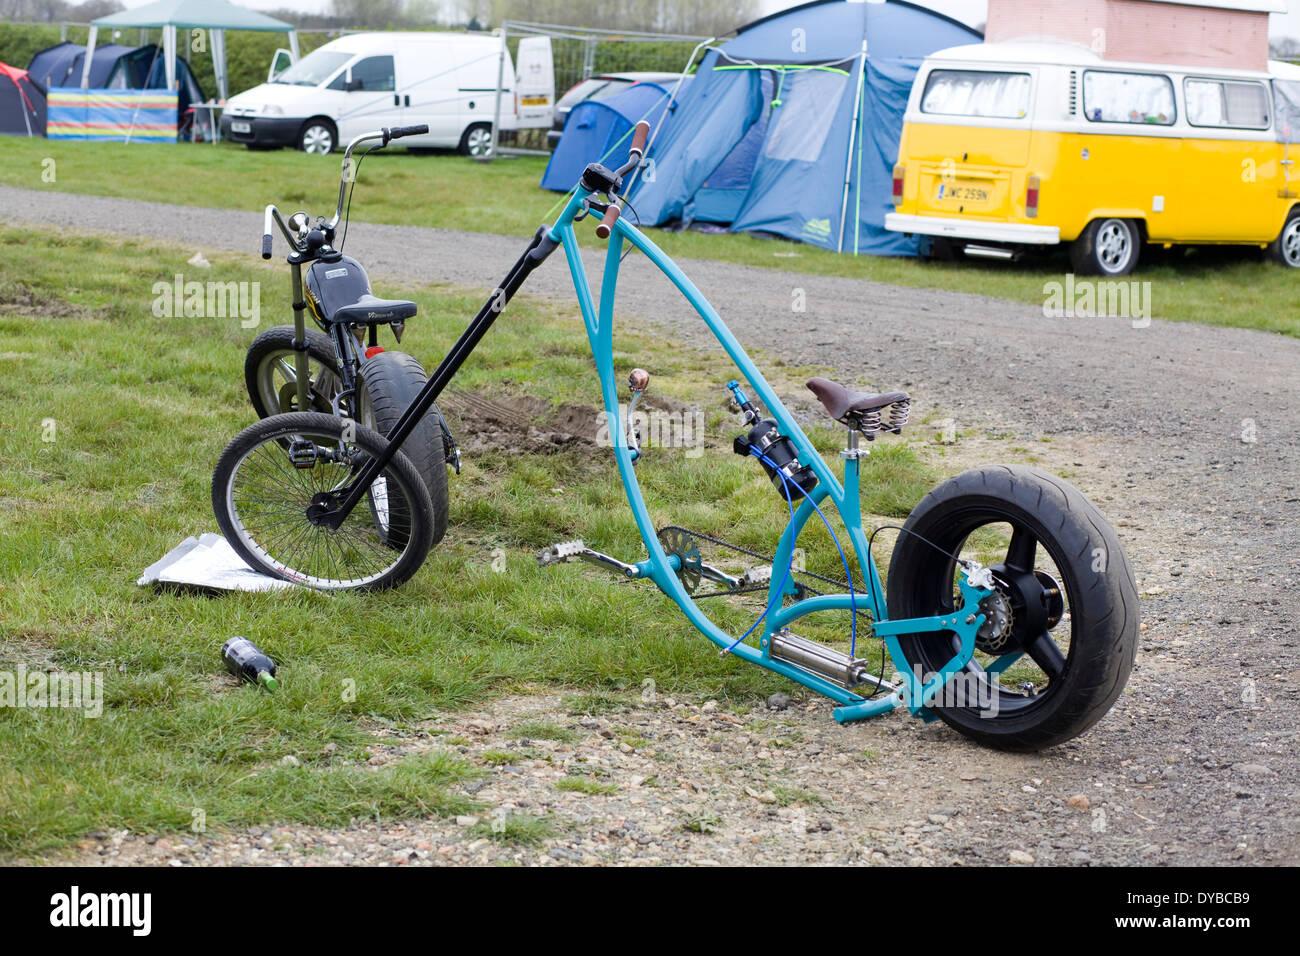 Lowrider Bicycle Stockfotos & Lowrider Bicycle Bilder - Alamy